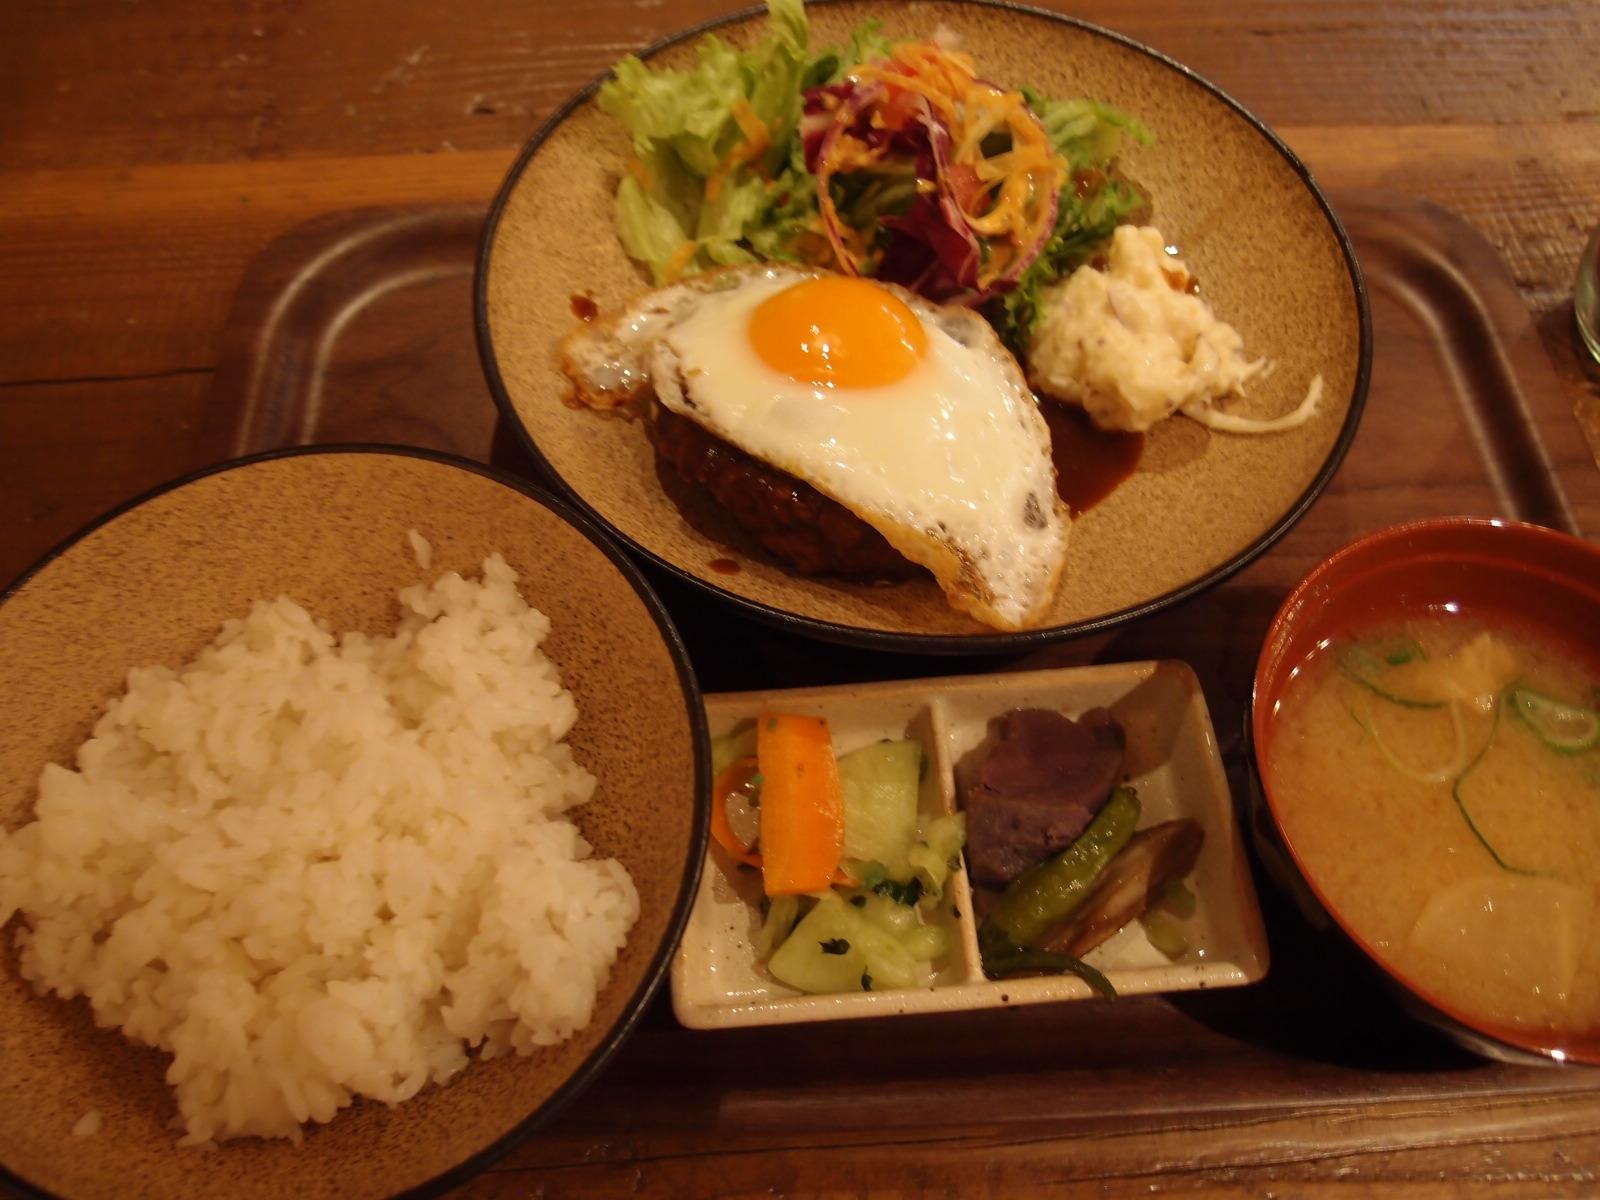 銀座 塊KATAMARIミートダイニング 手ごねハンバーグ定食